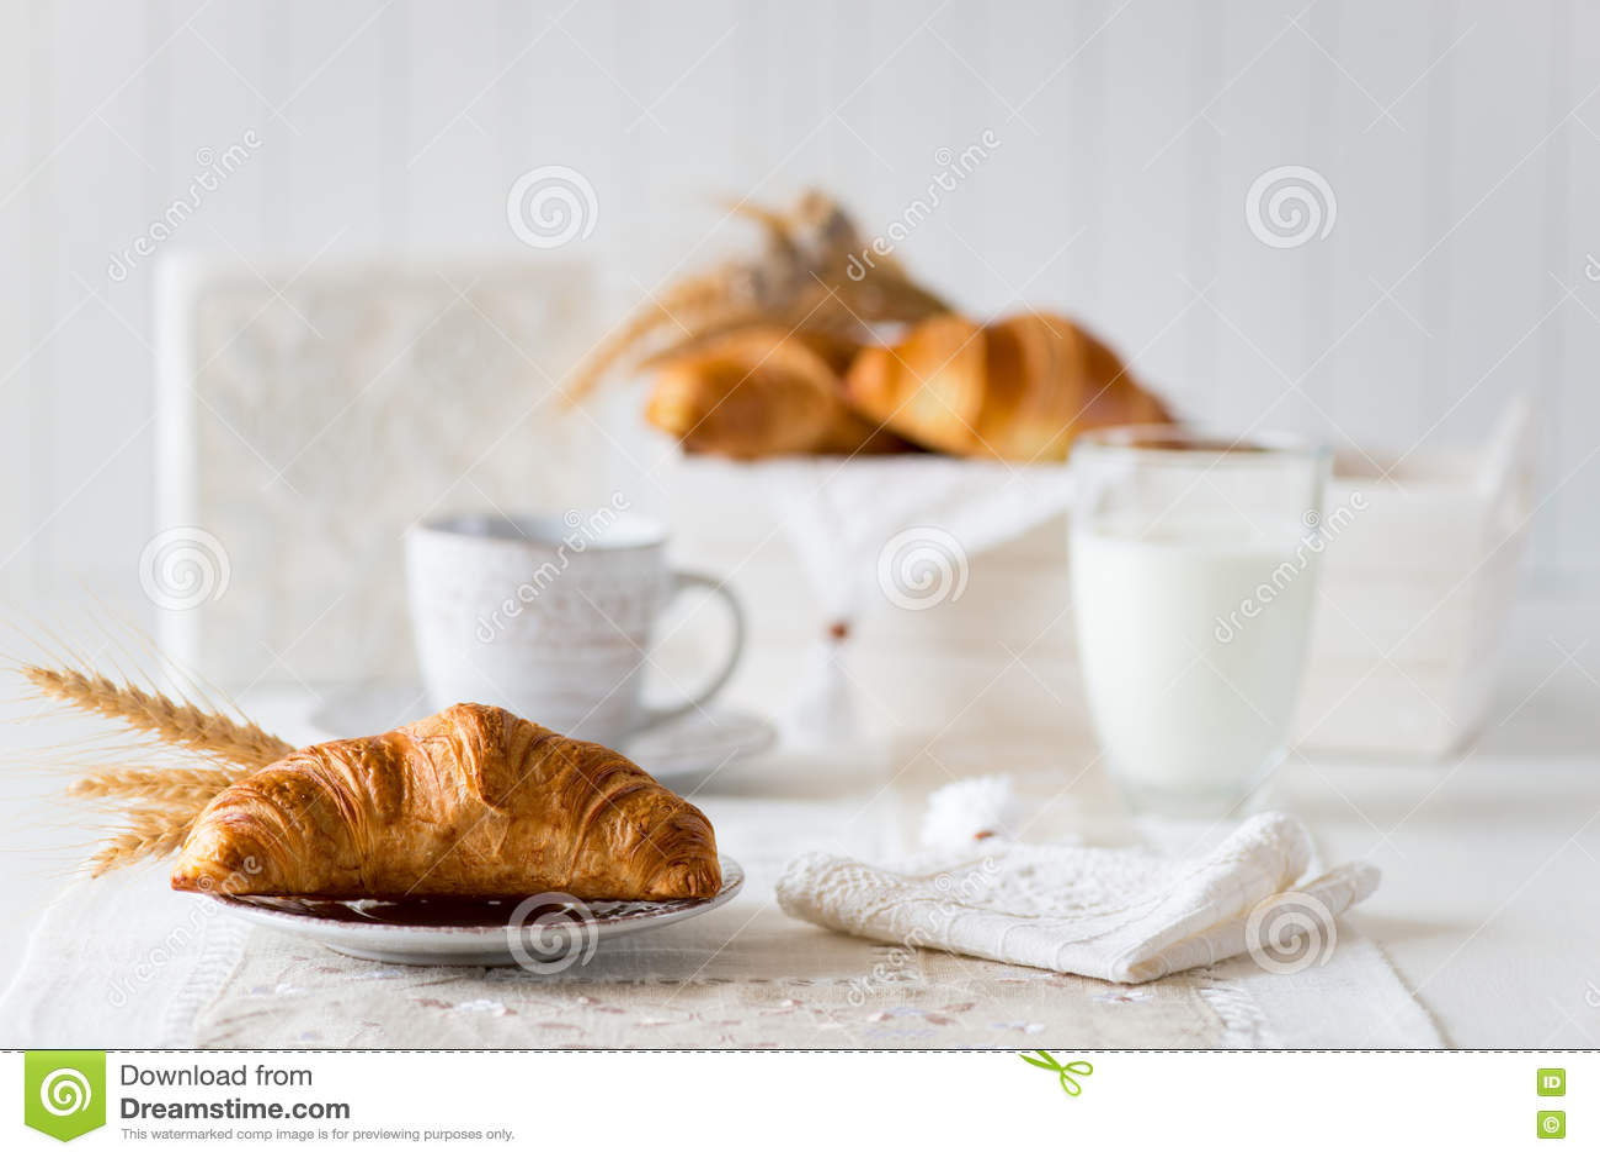 Desayuno con los cruasanes recientemente cocidos